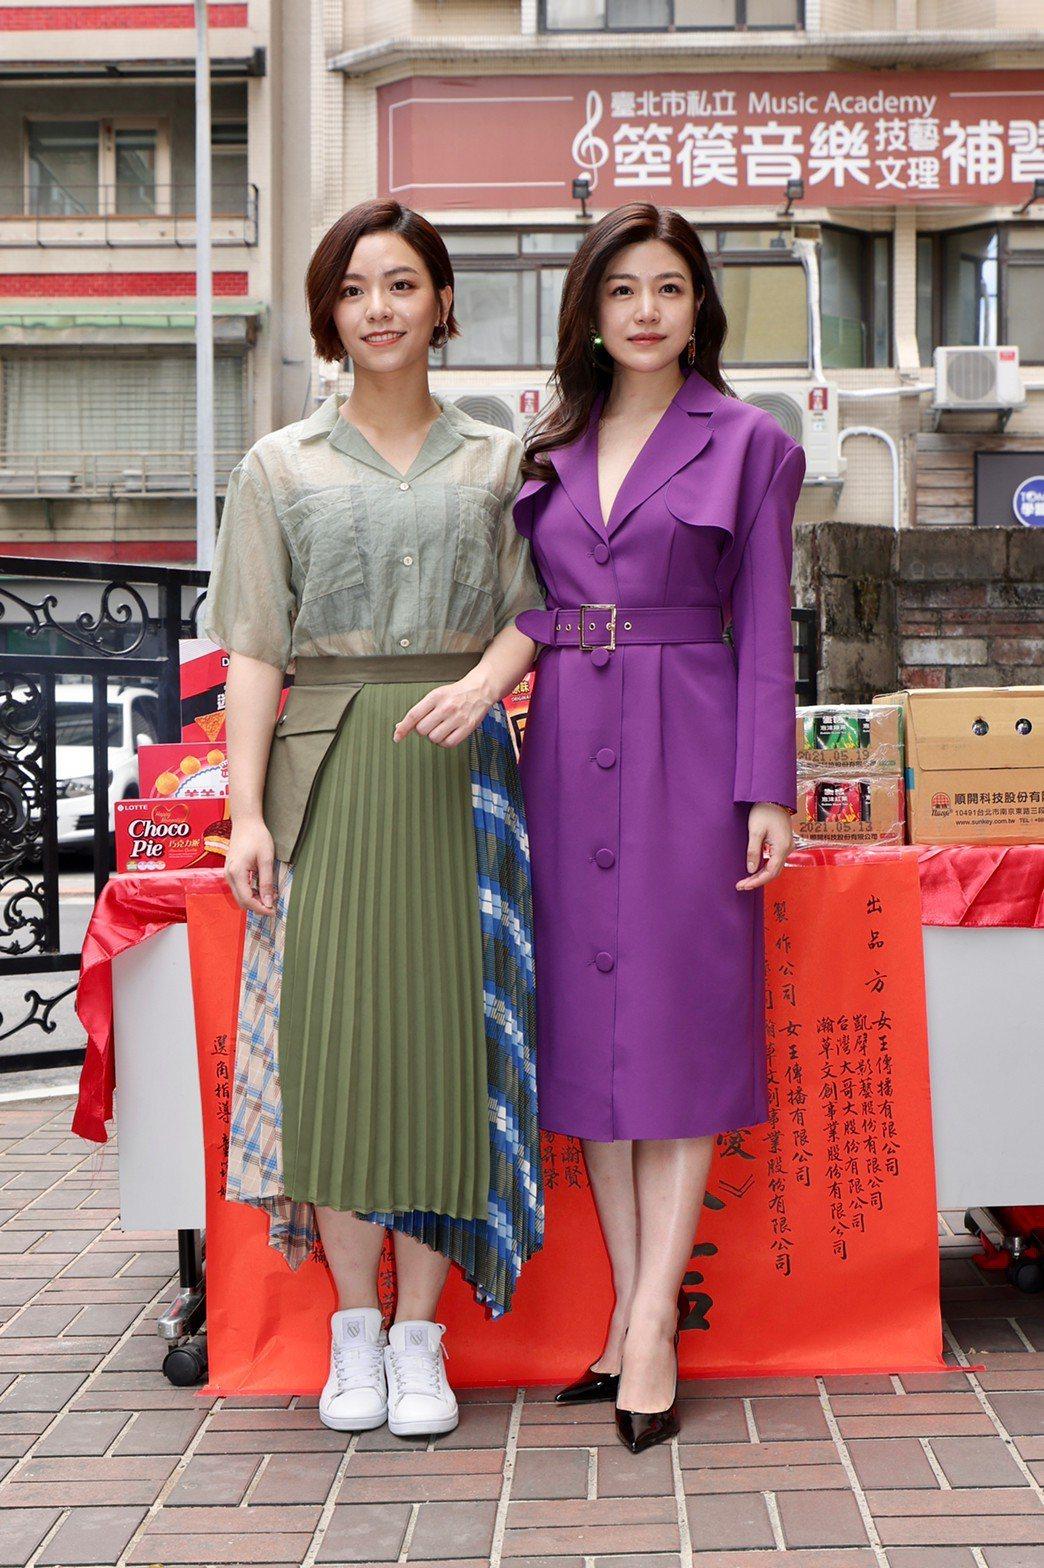 陳妍希(右)、宋芸樺因演出夯片,成為當代女神。記者李政龍/攝影